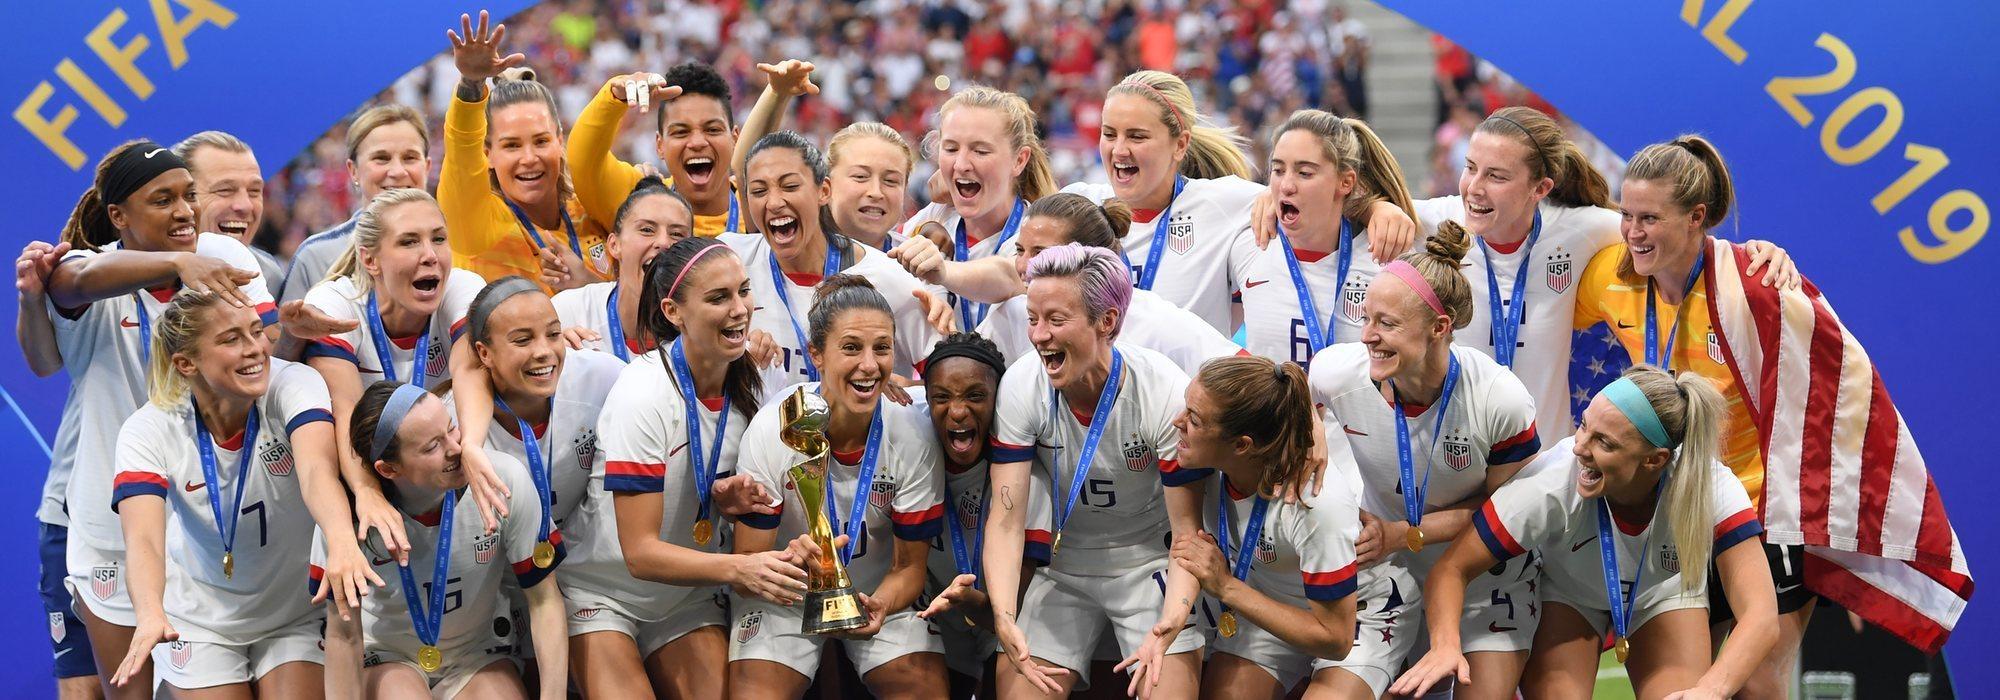 El fútbol femenino triunfa en televisión: Los datos del Mundial de Francia 2019 que demuestran su éxito